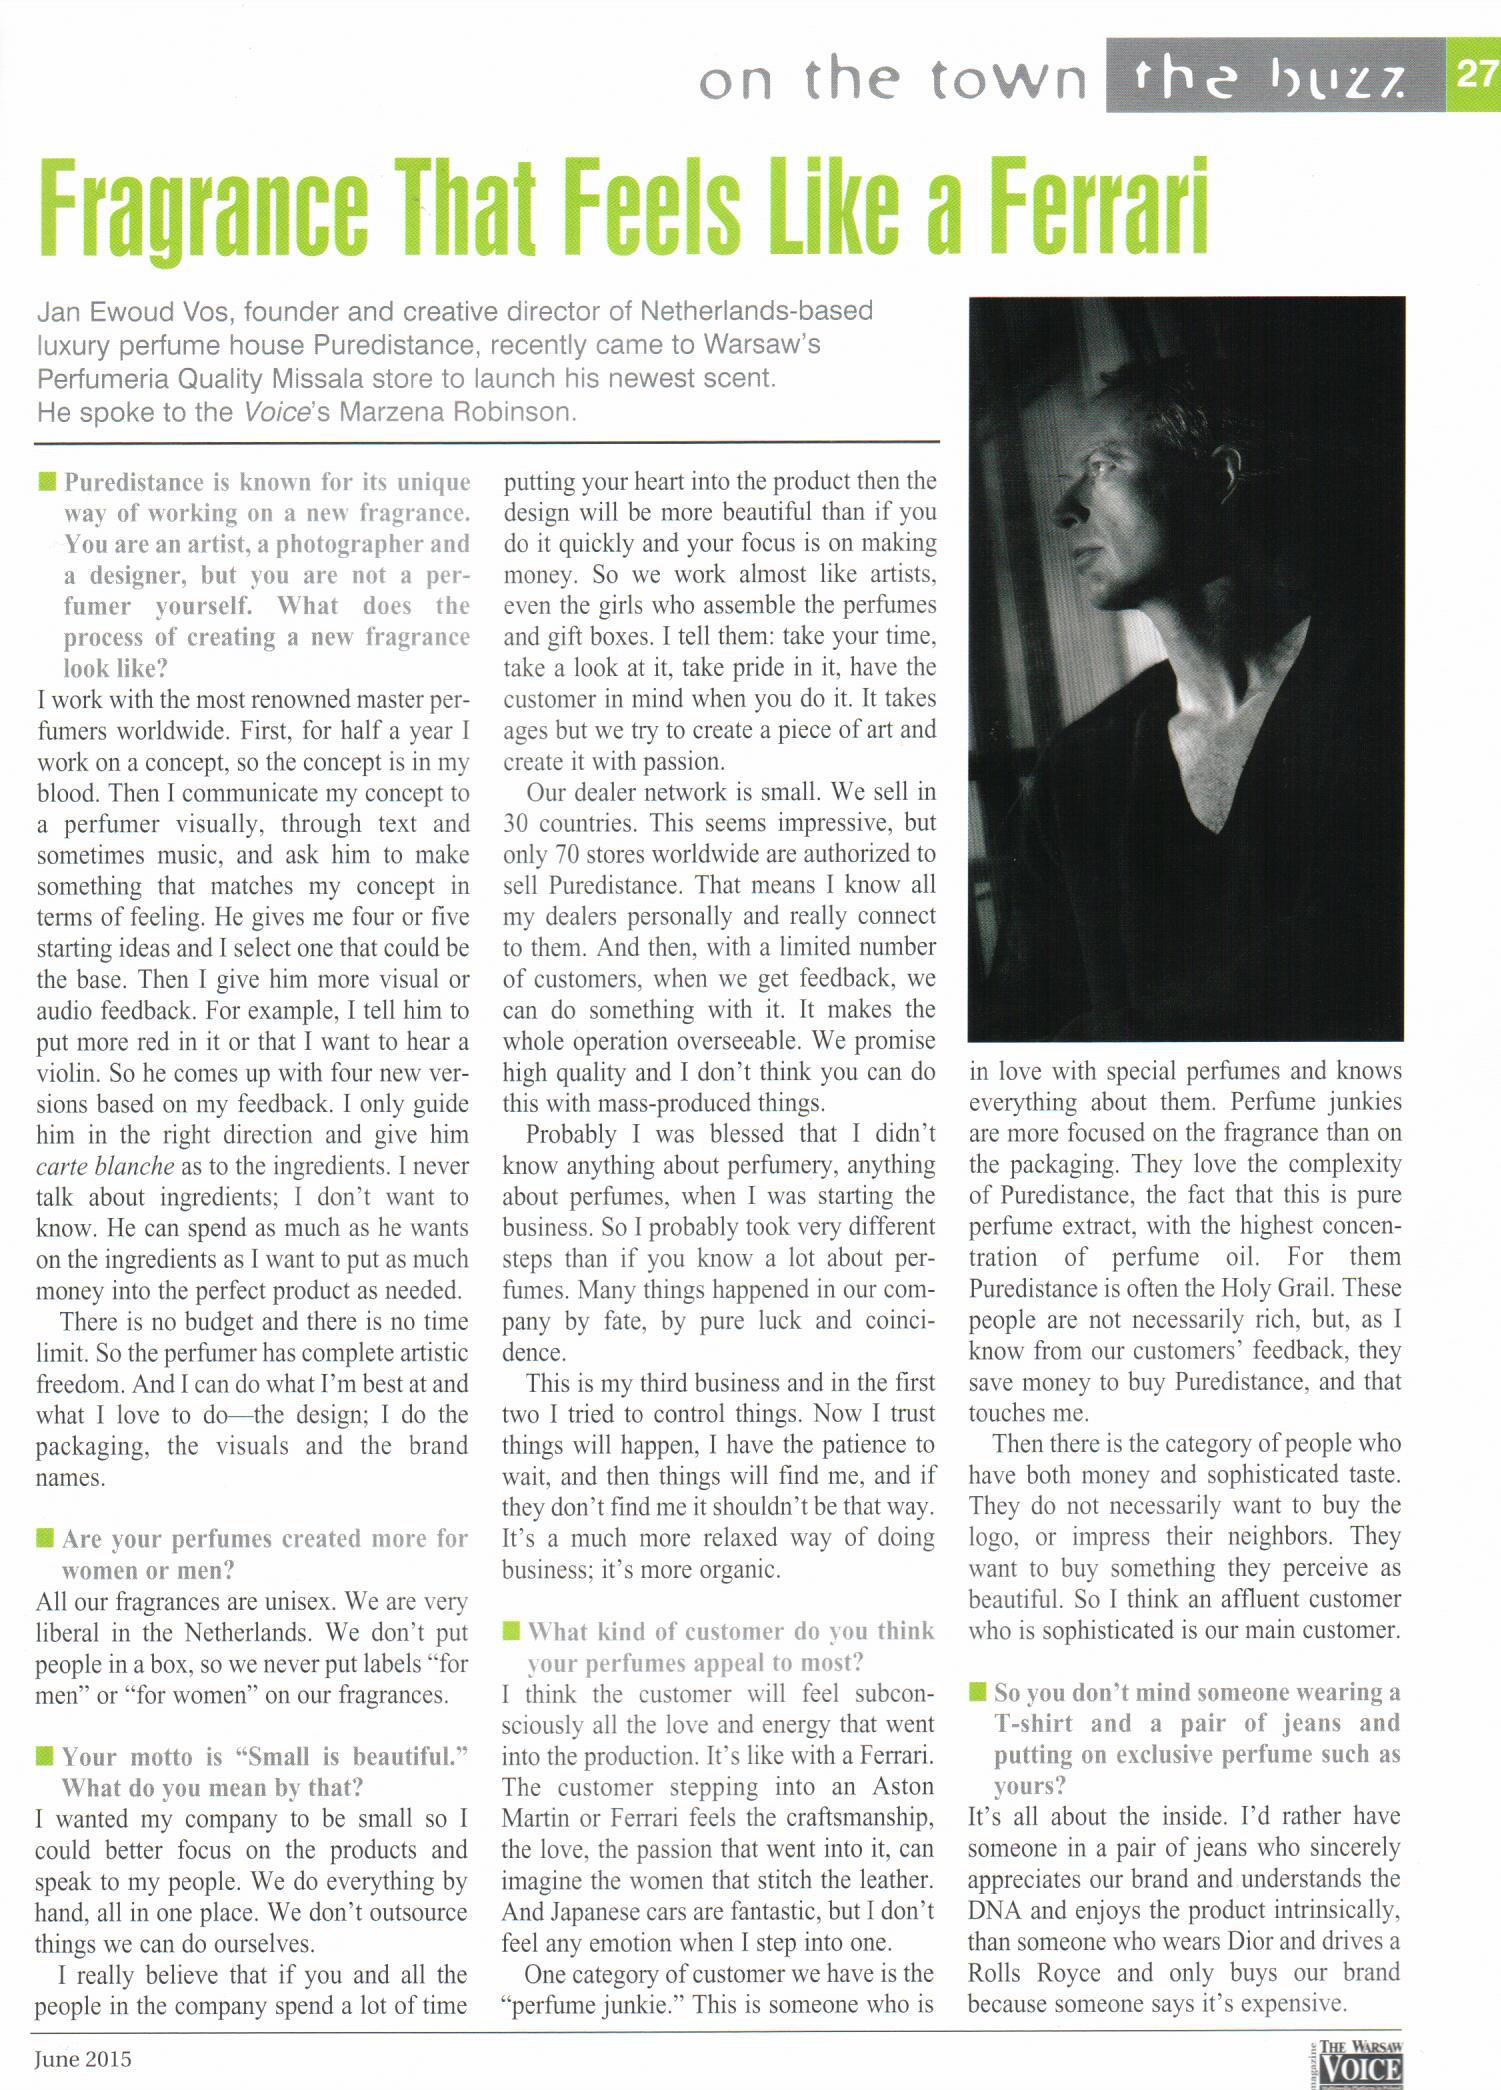 2015.06 The Warsaw Voice_PUREDISTANCE Wywiad z Janem Vosem